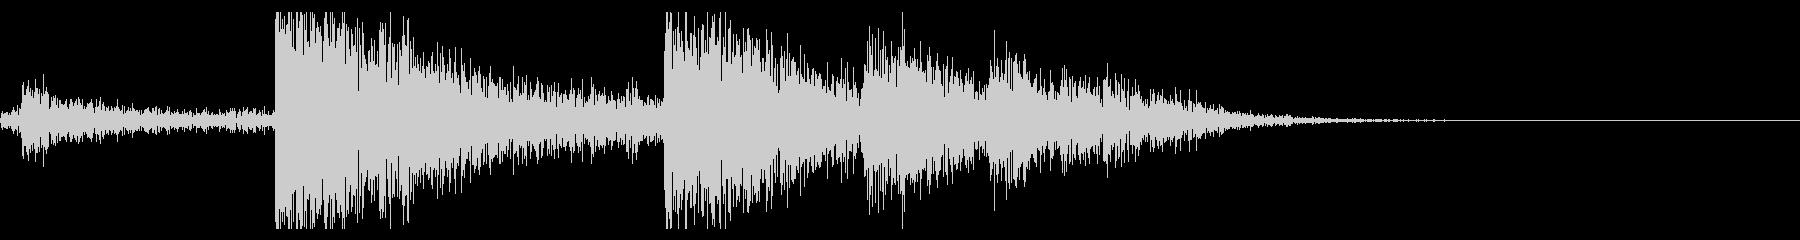 【生録音】ブリキのバケツの音 学校 5の未再生の波形